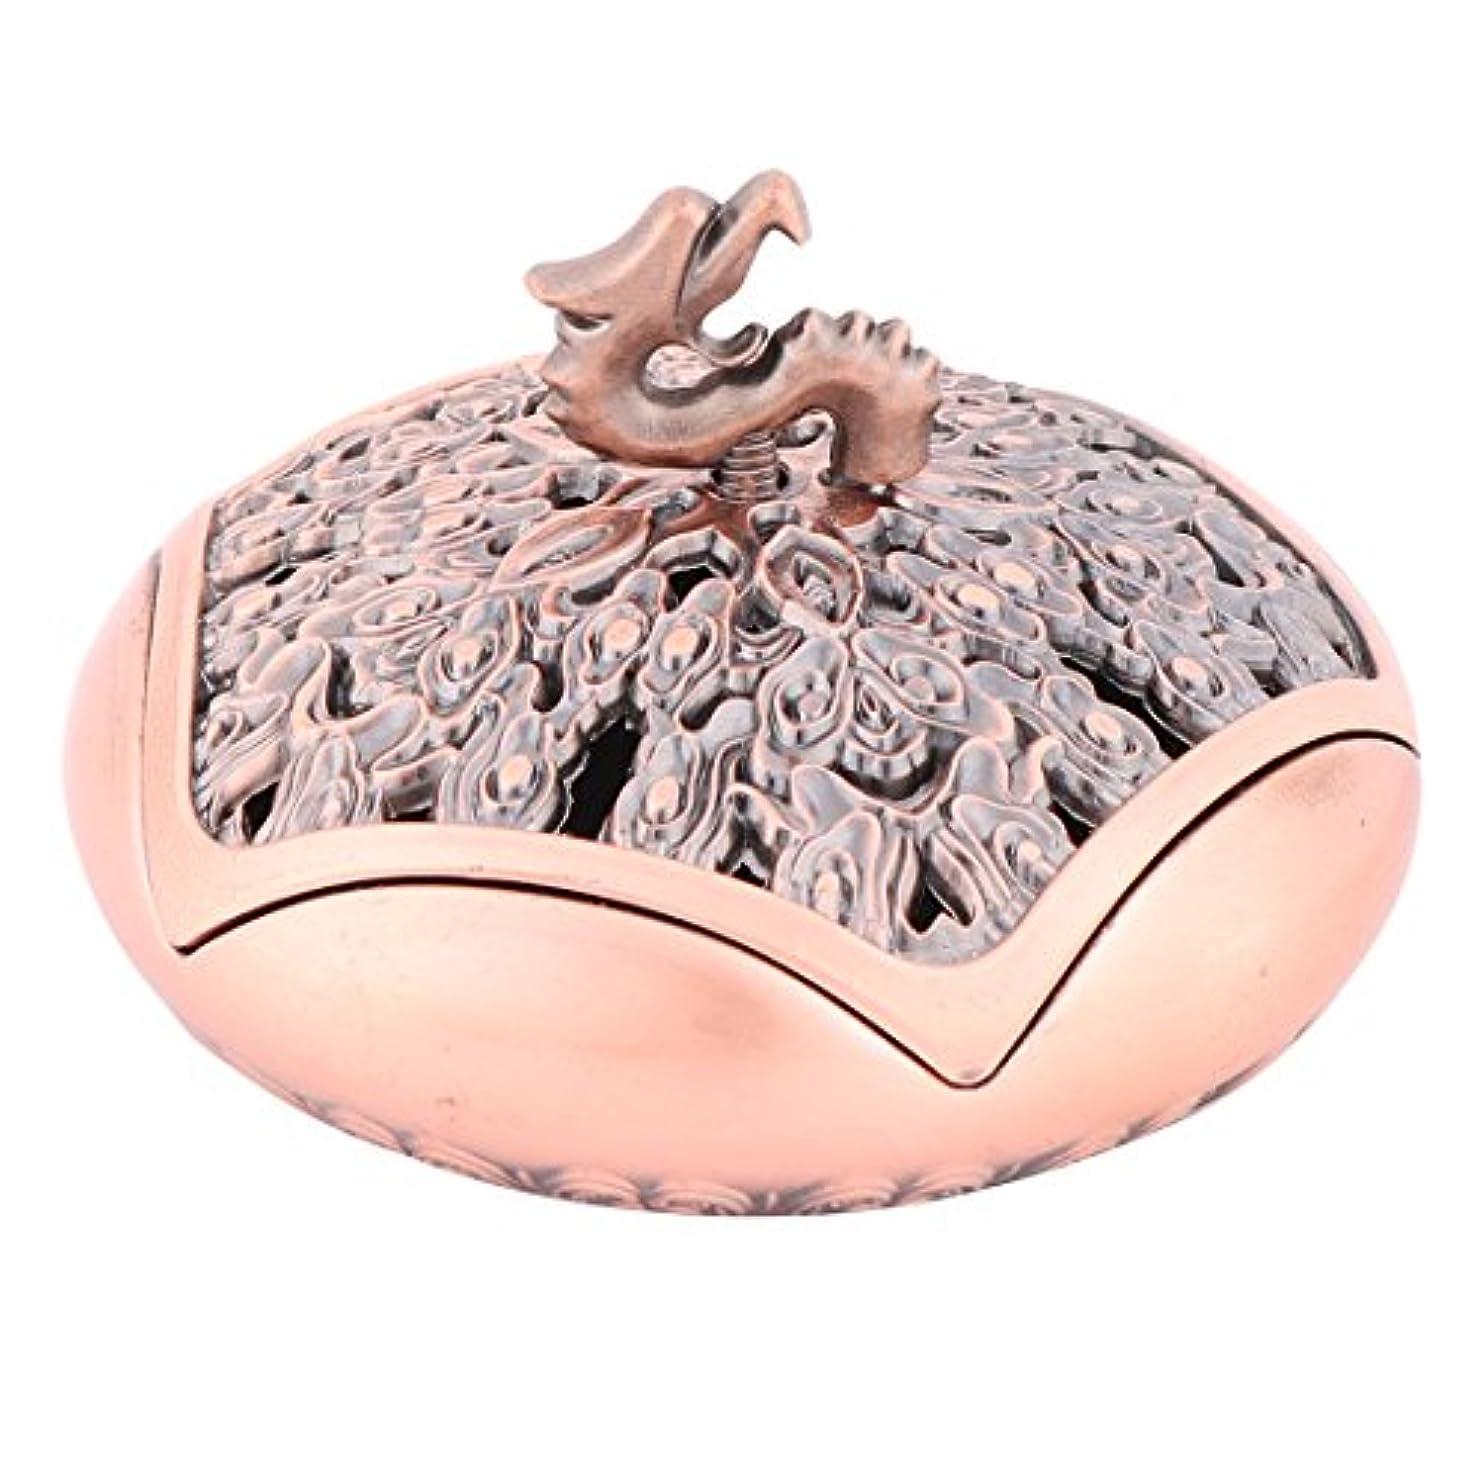 ペネロペスキルフライトuxcell 線香立て 横置き おしゃれ 香料貯蔵ツール 合金製 香箱アクセサリー 幸運 香箱ホルダーアクセサリー 寝室用 外径9.6cm シャンペン色